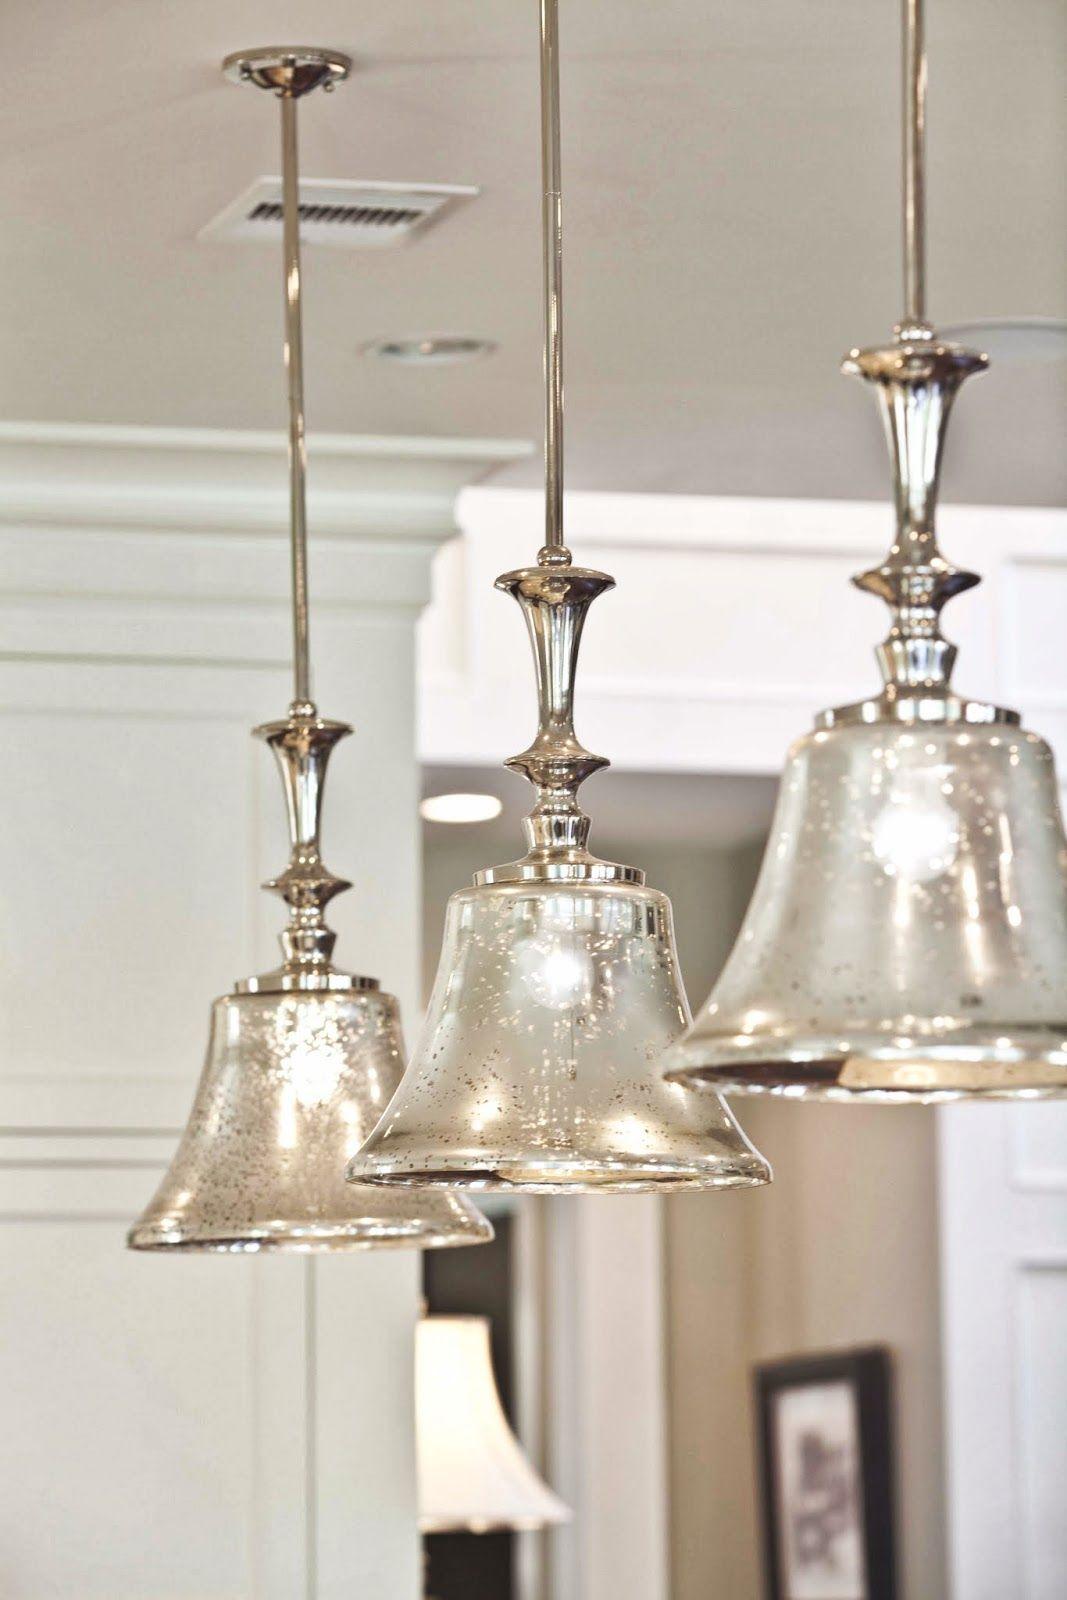 New Craftsman Home Photo Shoot | Corbett lighting, Mercury glass and ...